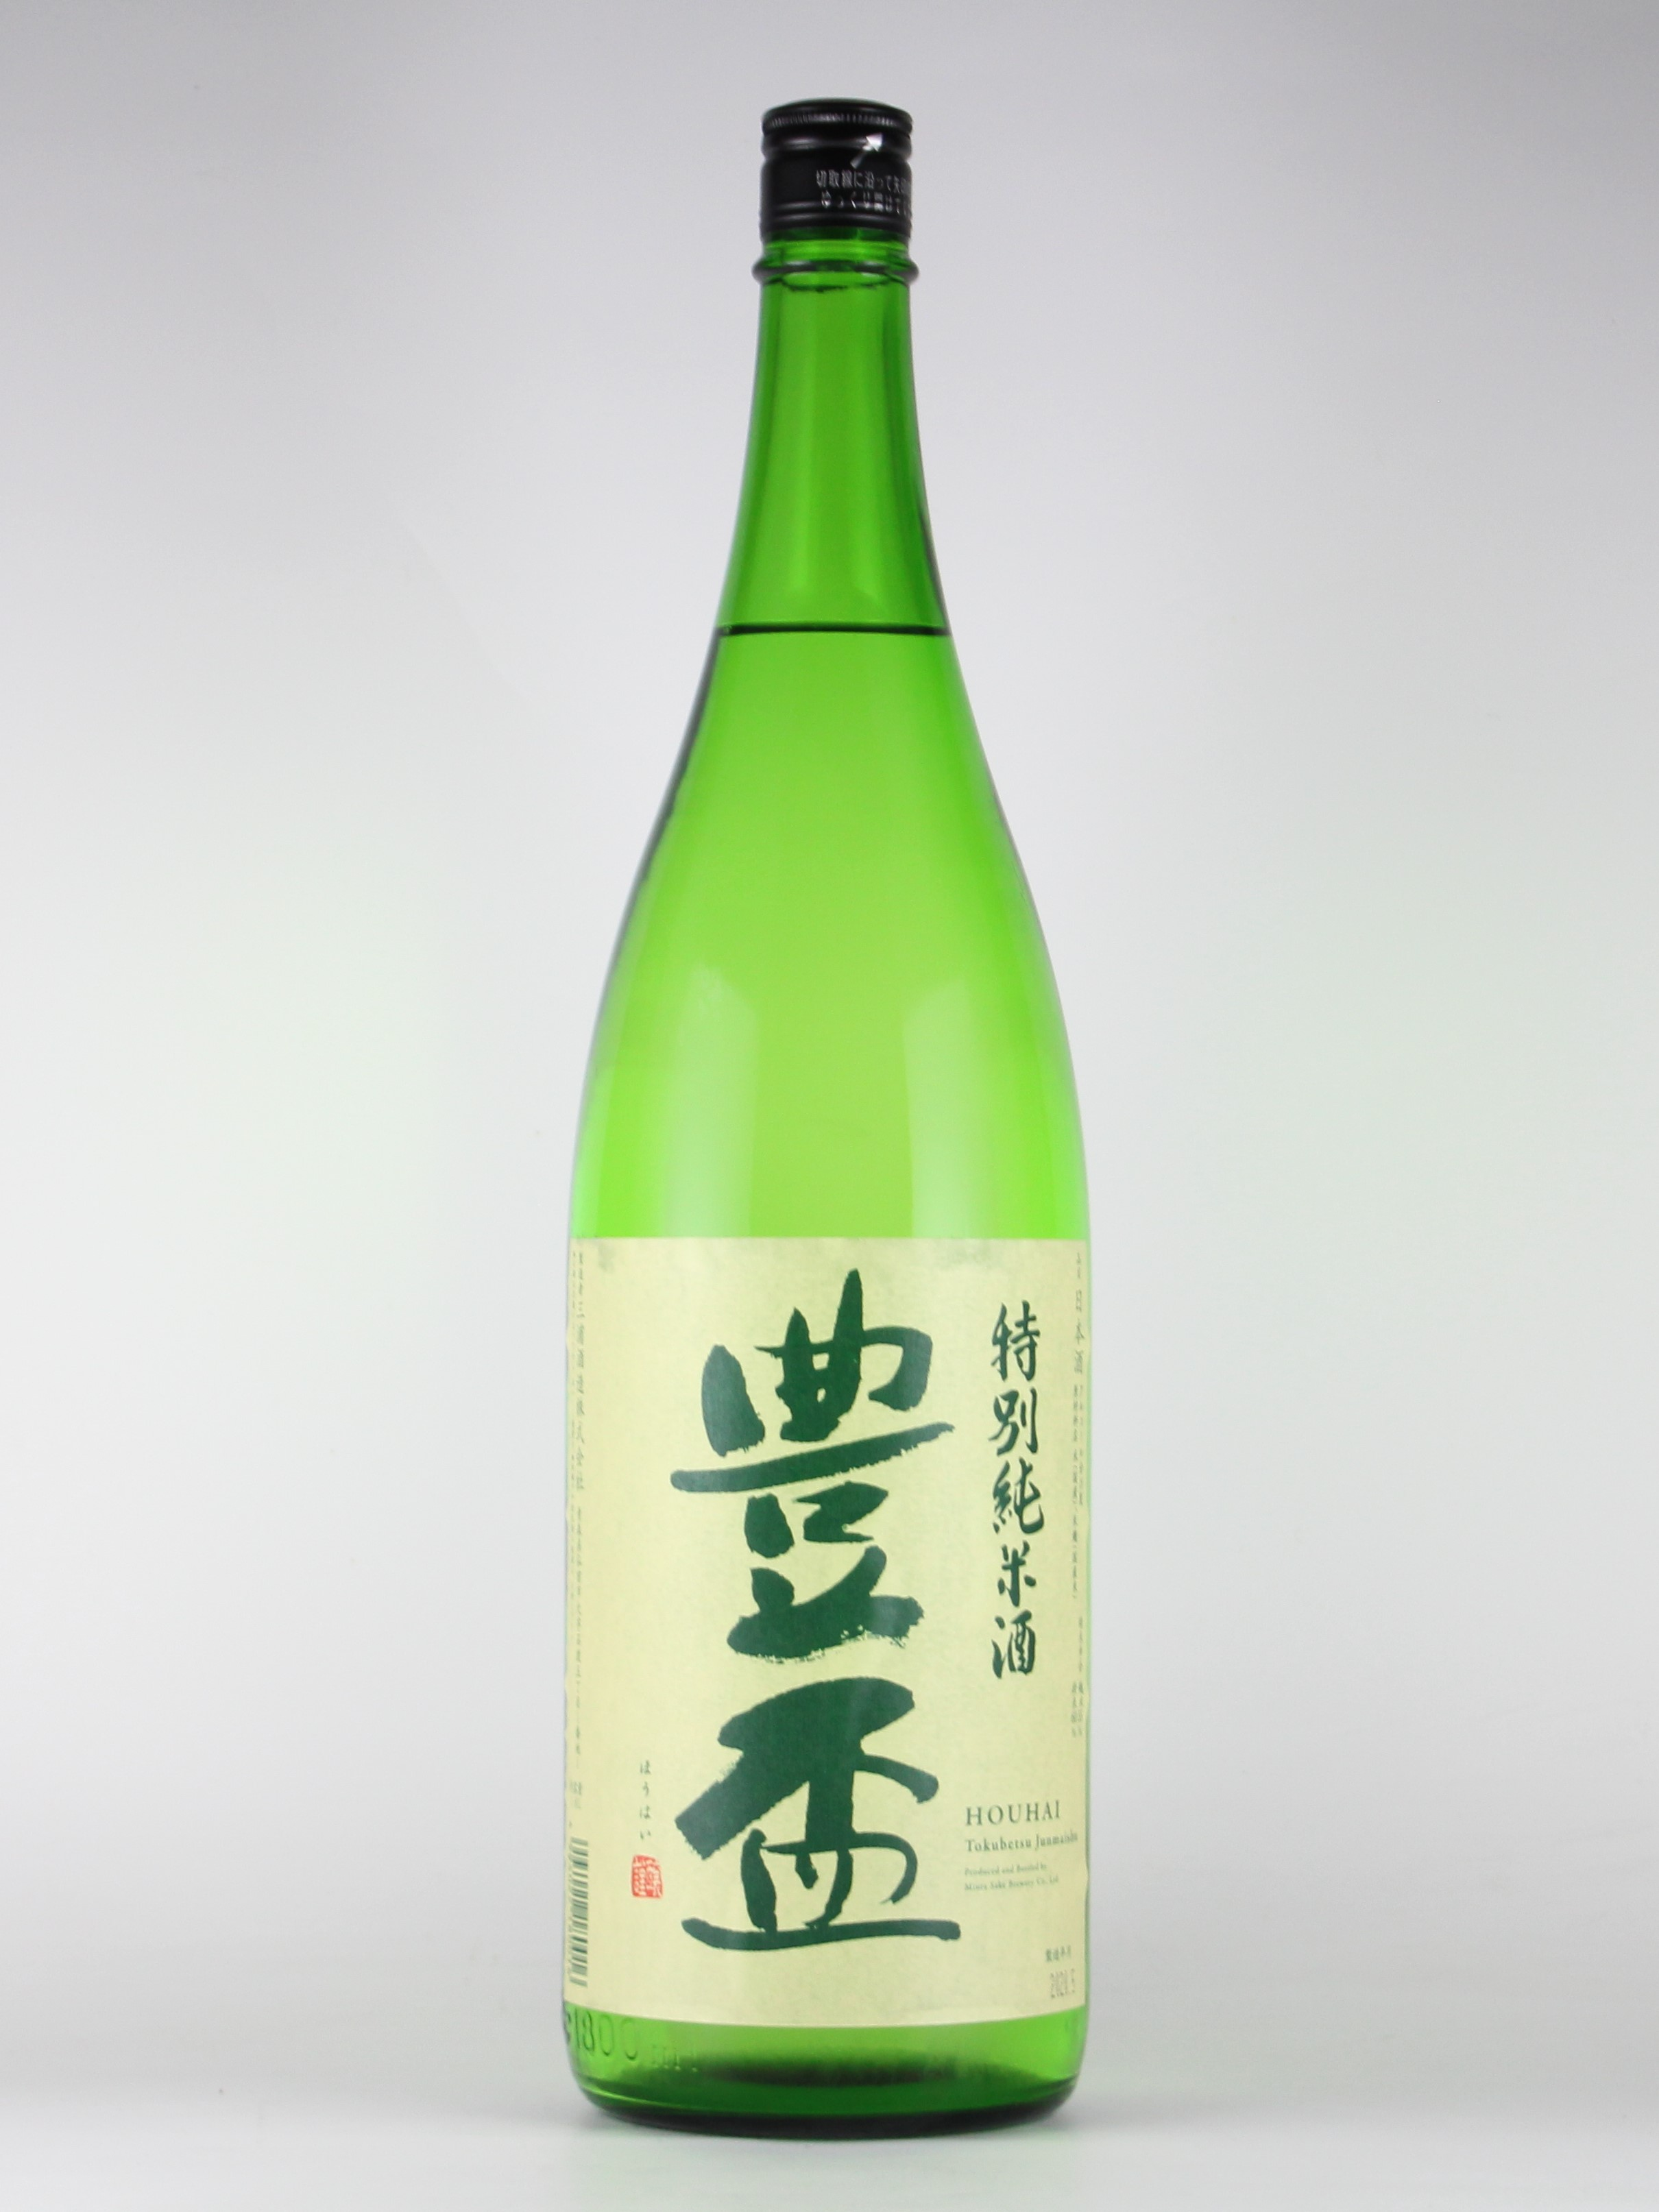 豊盃 特別純米 豊盃米 1800ml 【青森/三浦酒造】